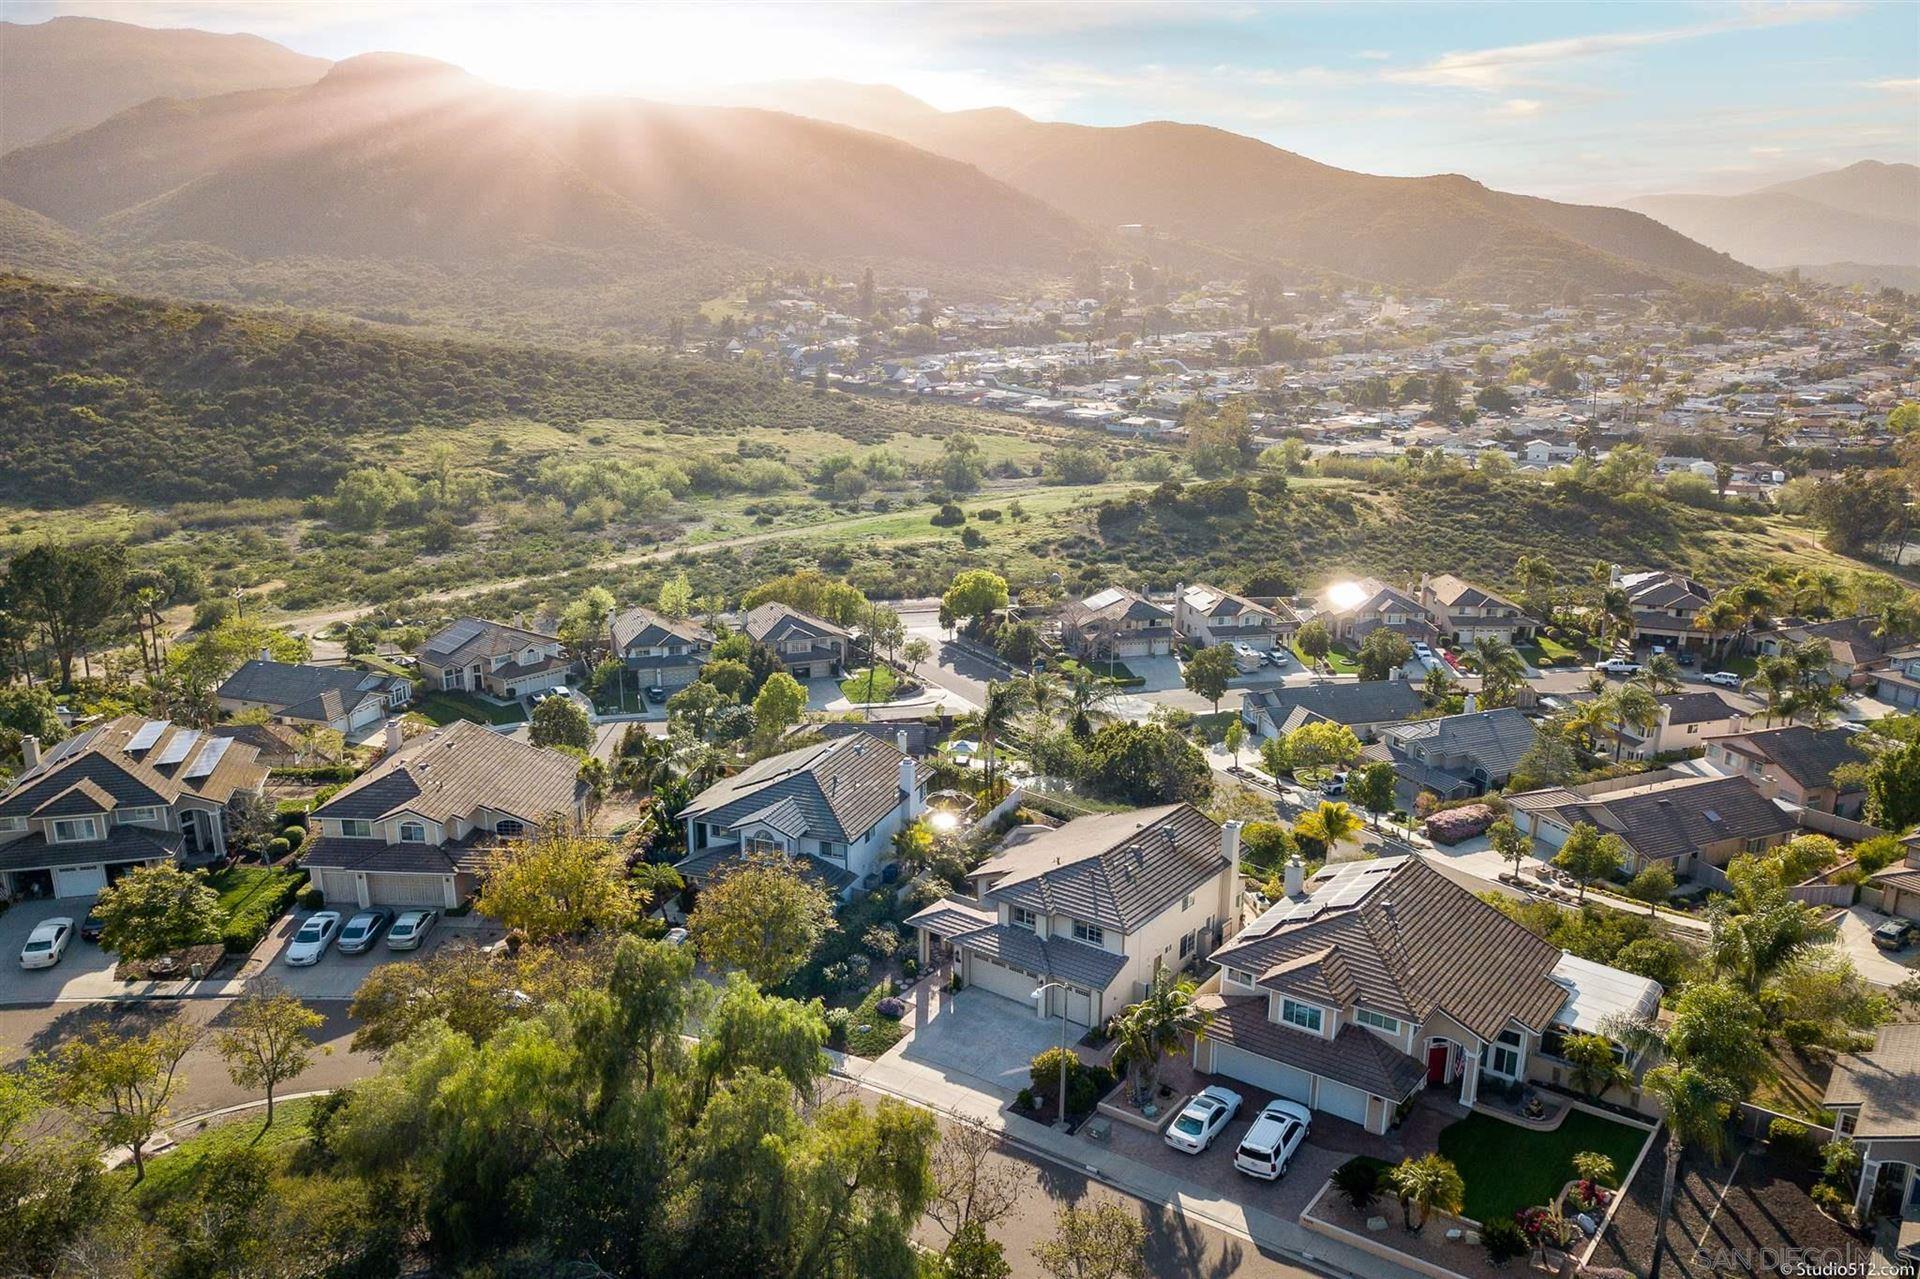 Photo of 8430 MESA RIDGE ROAD, SANTEE, CA 92071 (MLS # 210009600)